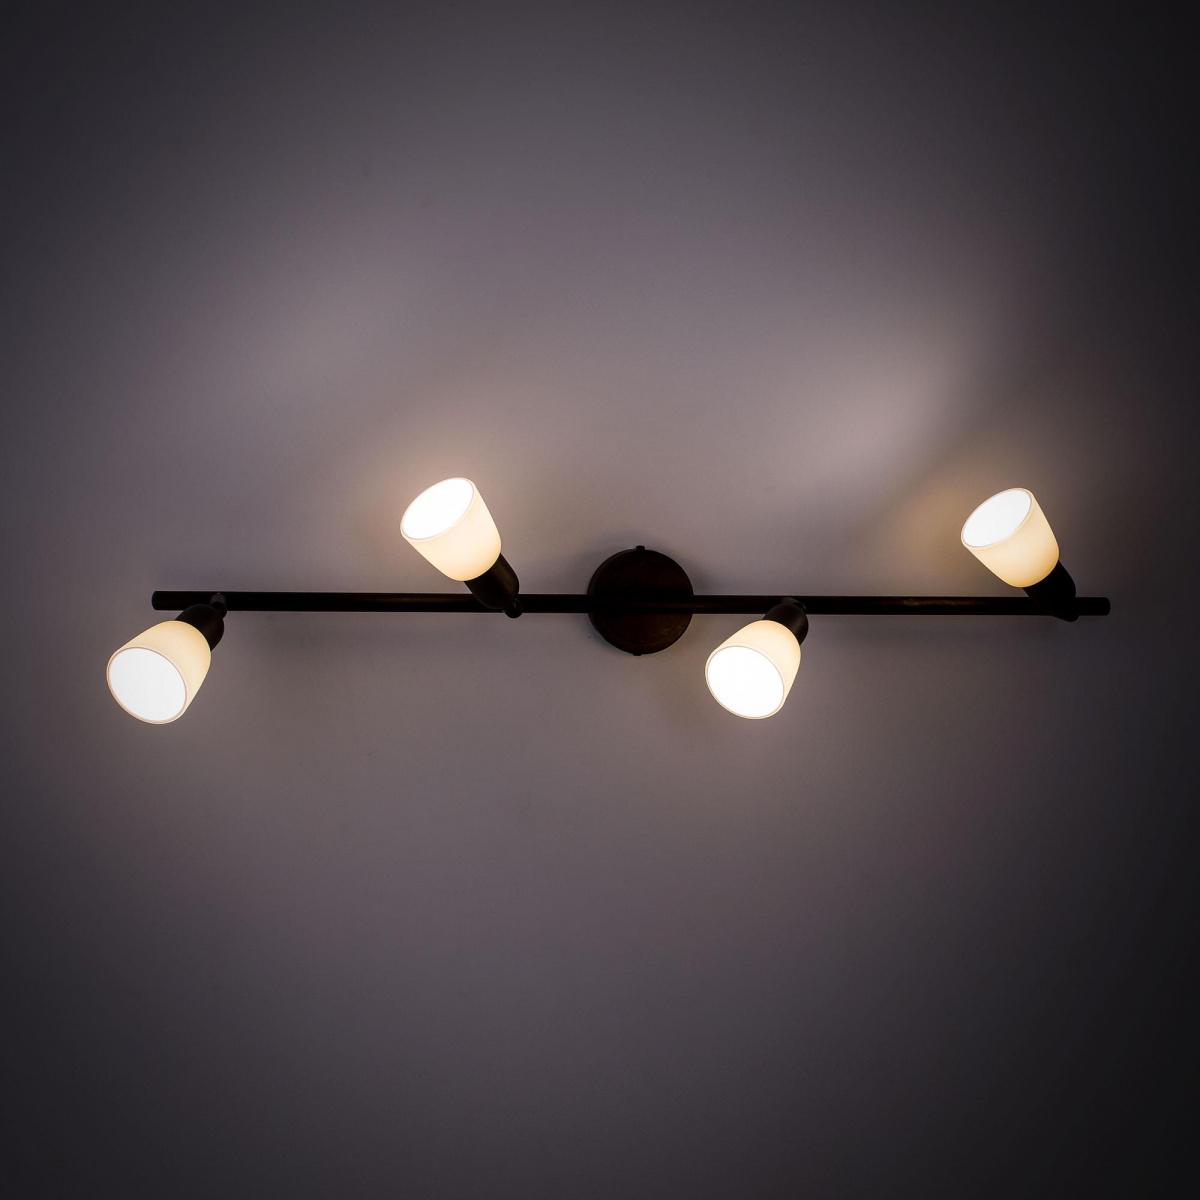 Потолочный светильник с регулировкой направления света Citilux Ронда CL506544, 4xE14x60W, коричневый, бежевый, металл, стекло - фото 4